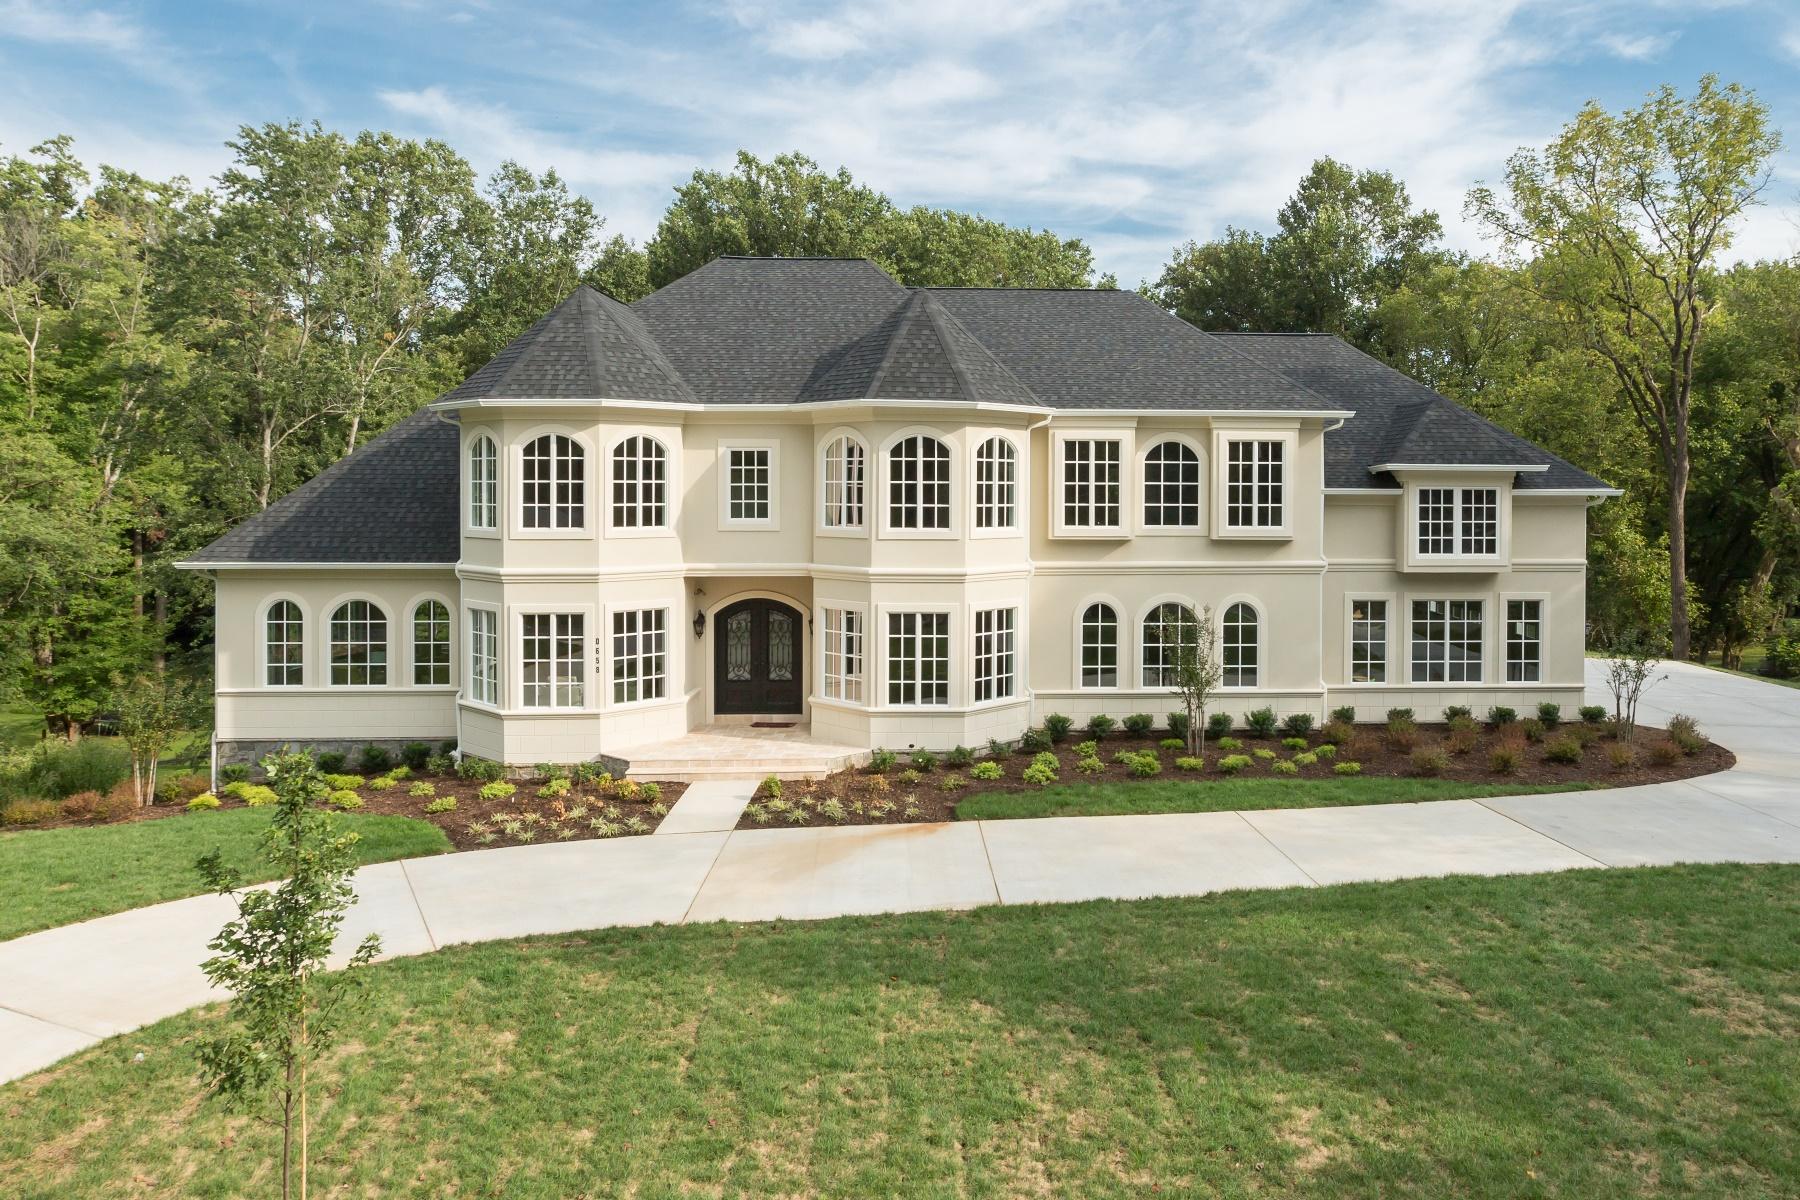 獨棟家庭住宅 為 出售 在 8560 Horseshoe Lane, Potomac 8560 Horseshoe Ln Potomac, 馬里蘭州 20854 美國